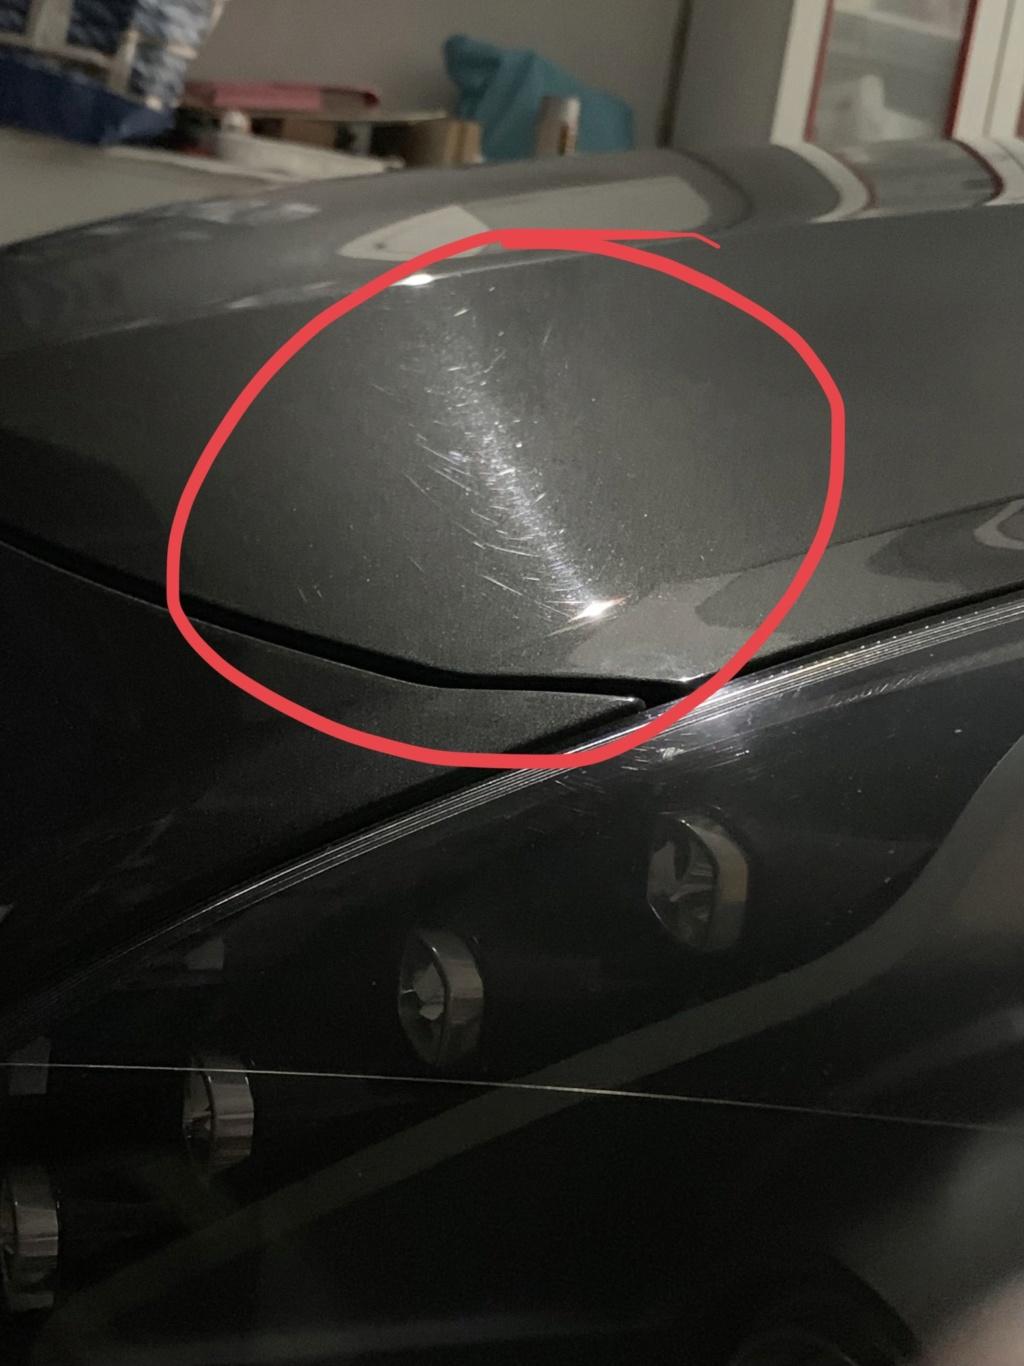 Problemi correzione Giulietta F540e810